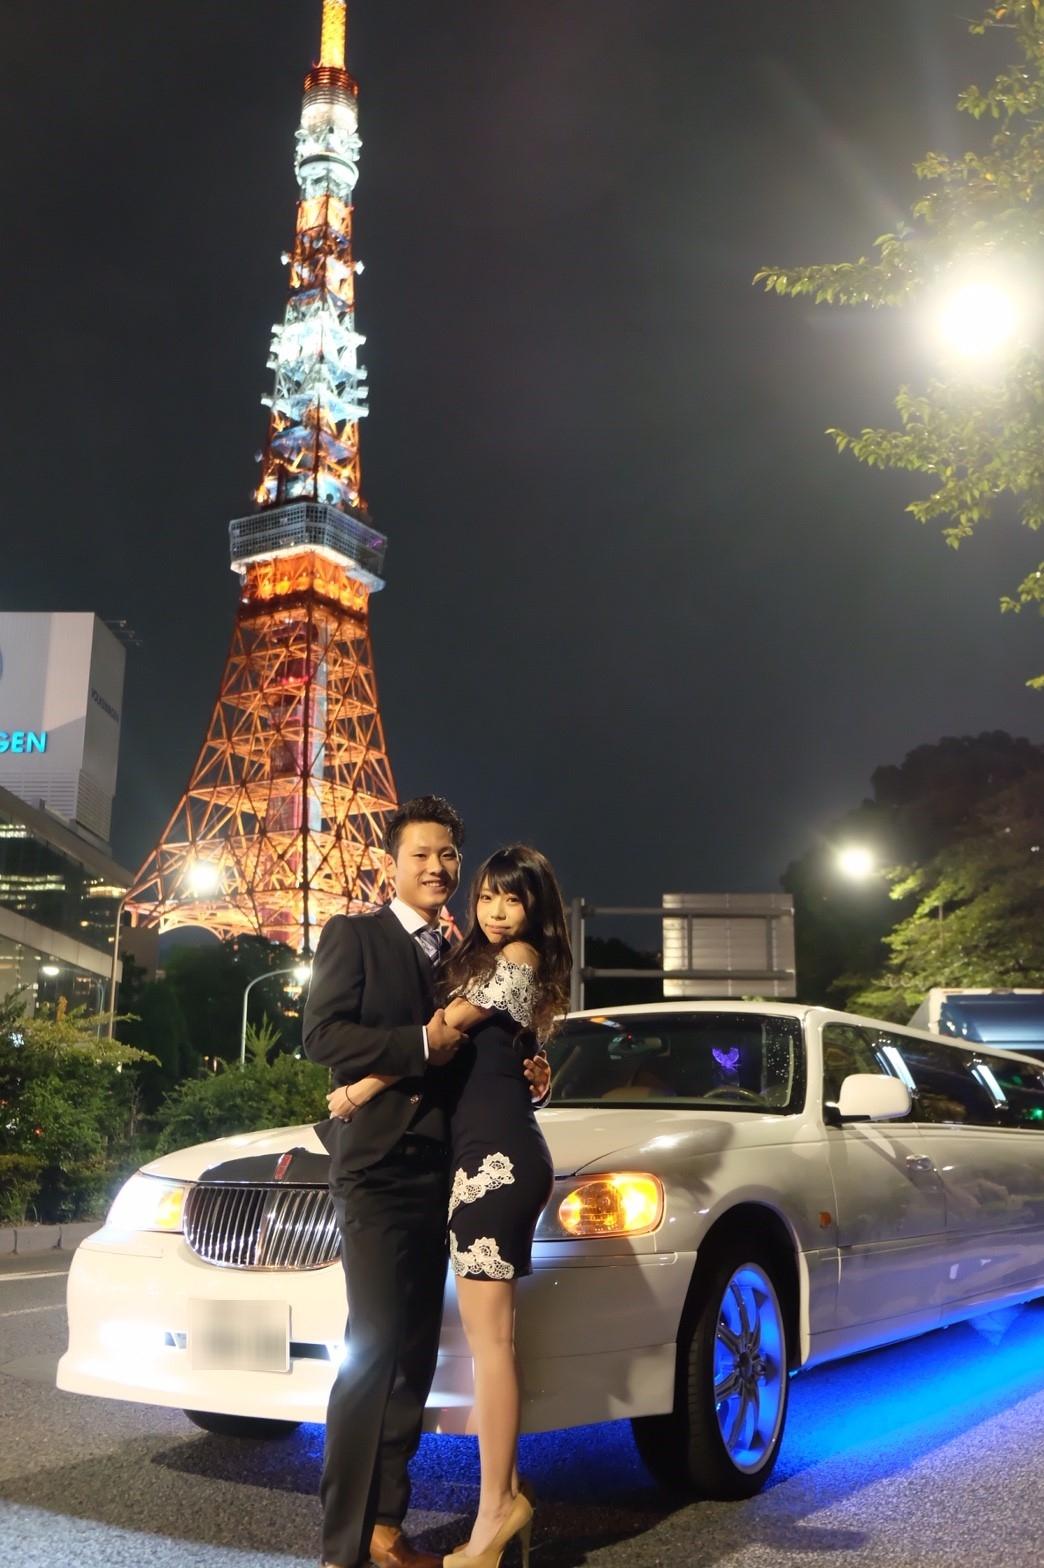 リムジンパーティー誕生日で東京タワー撮影 (2)